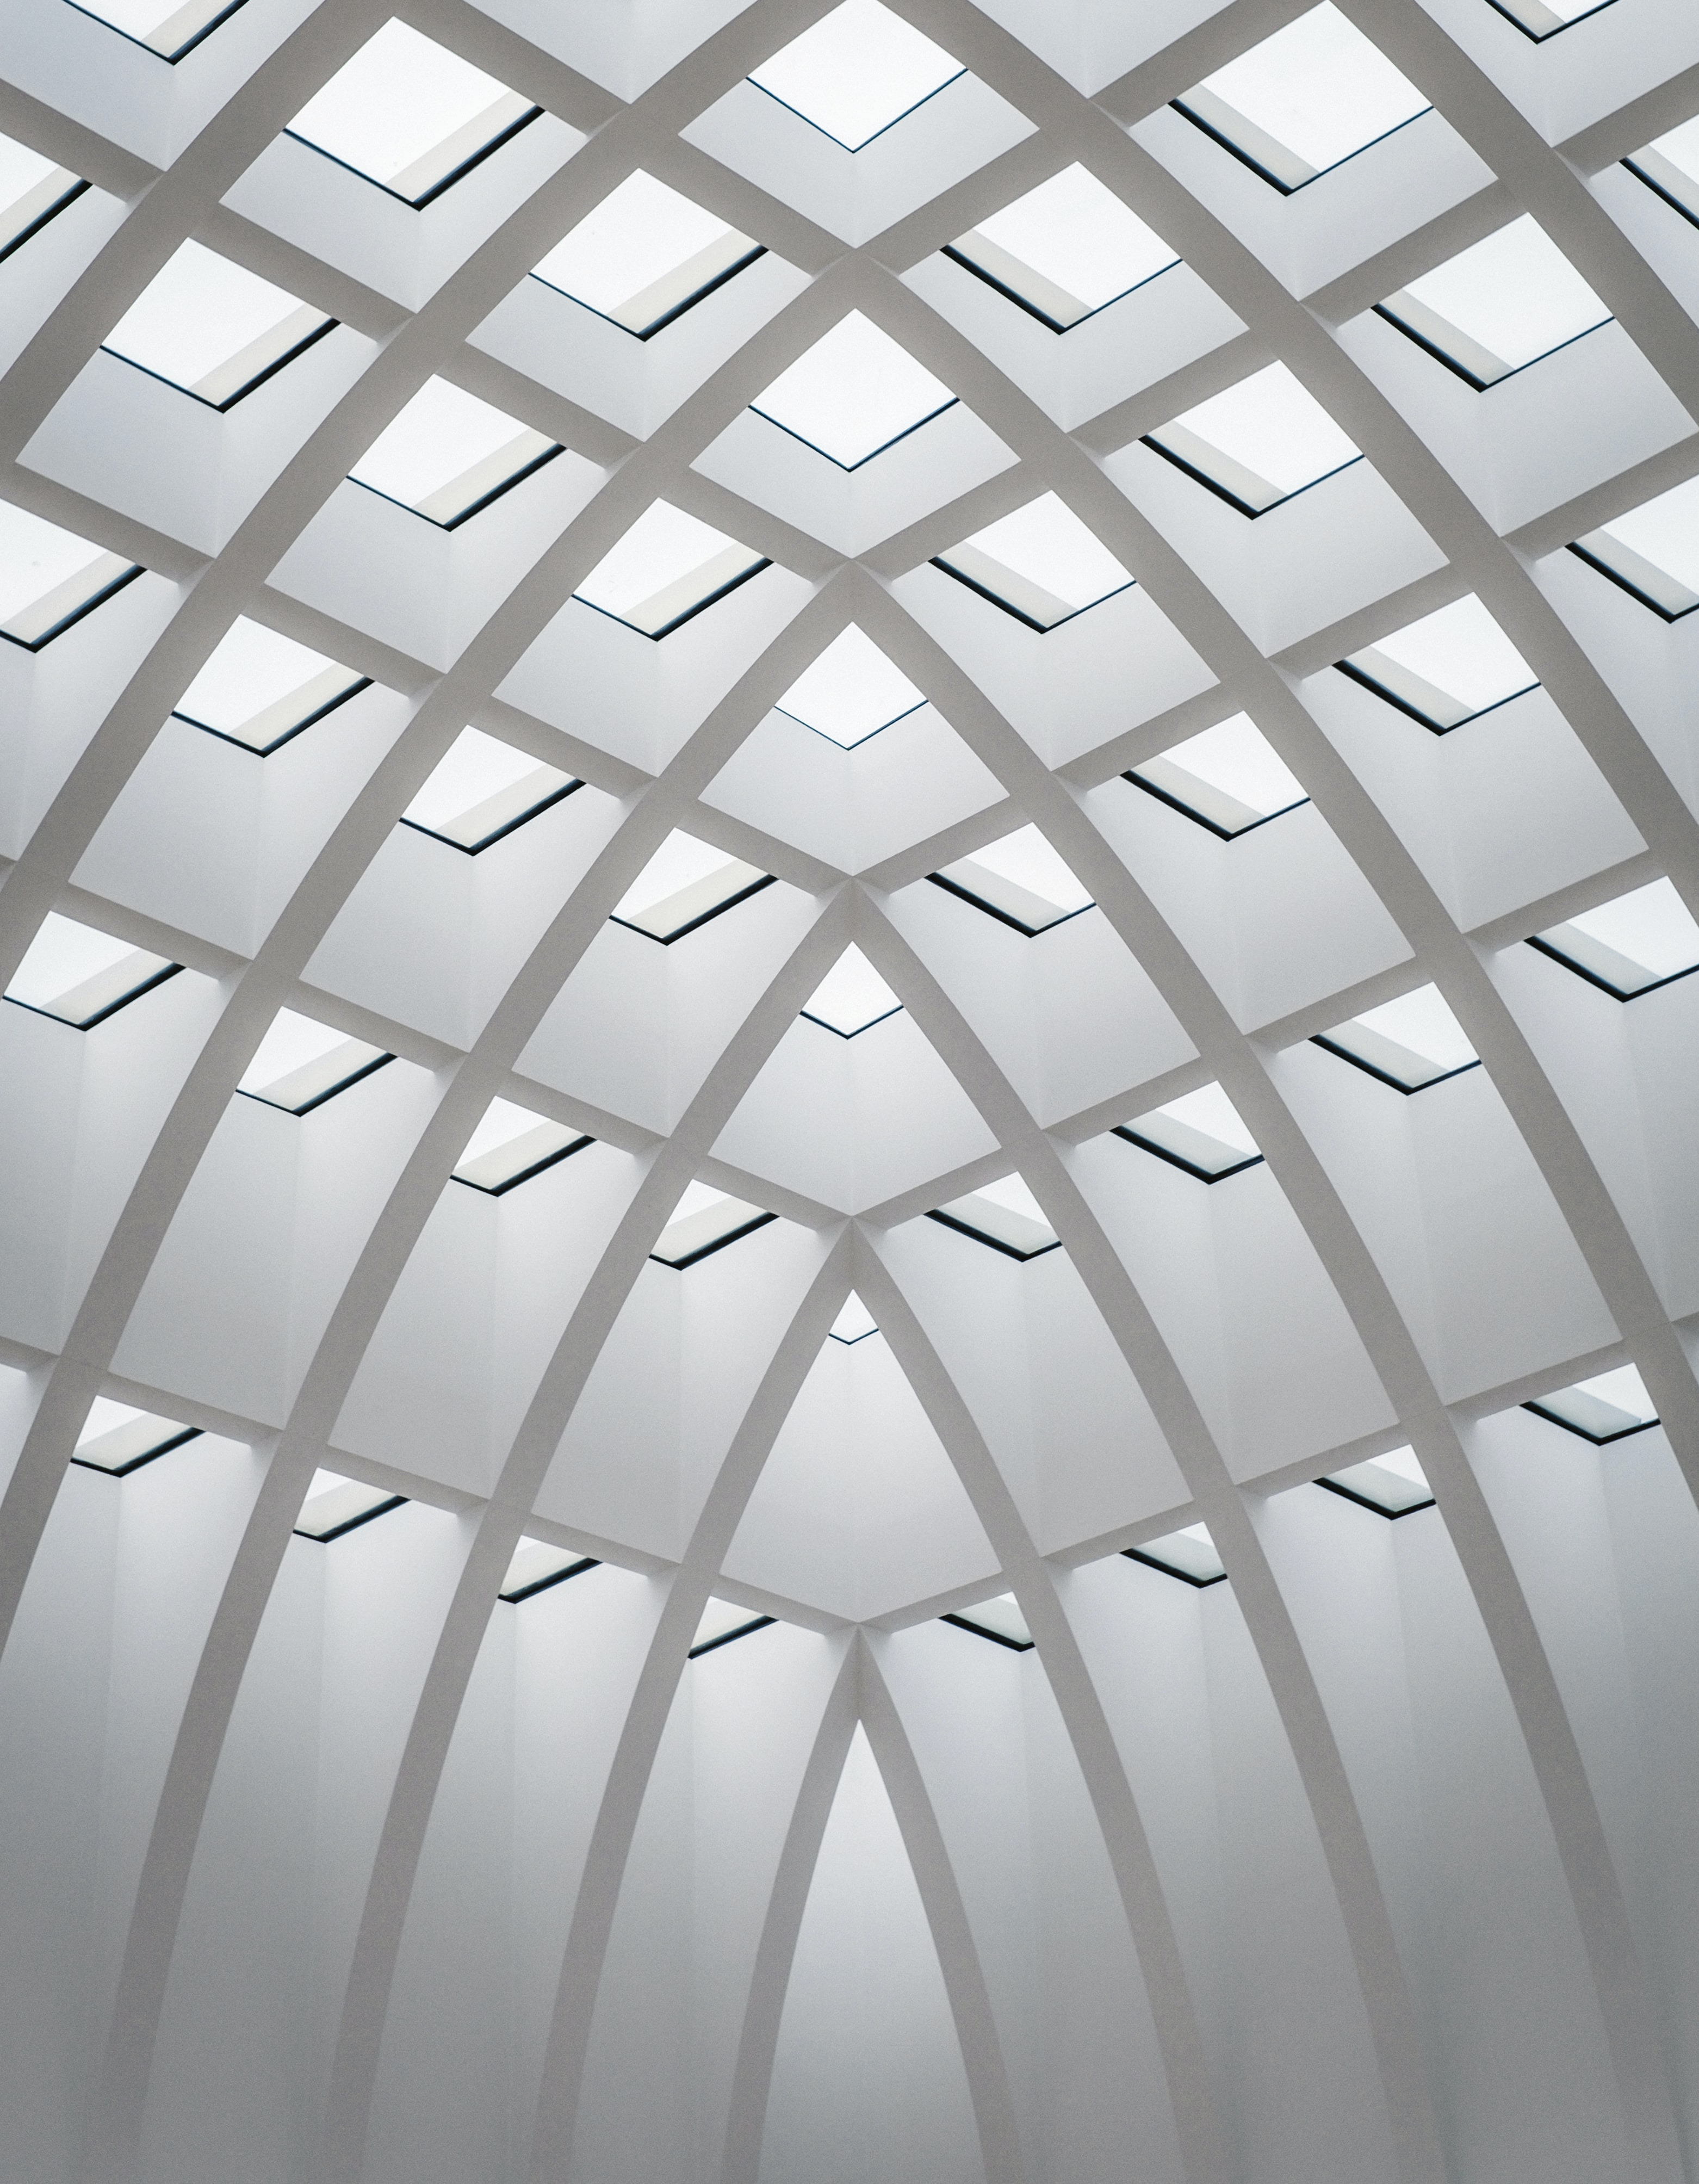 photo of white concrete building interior